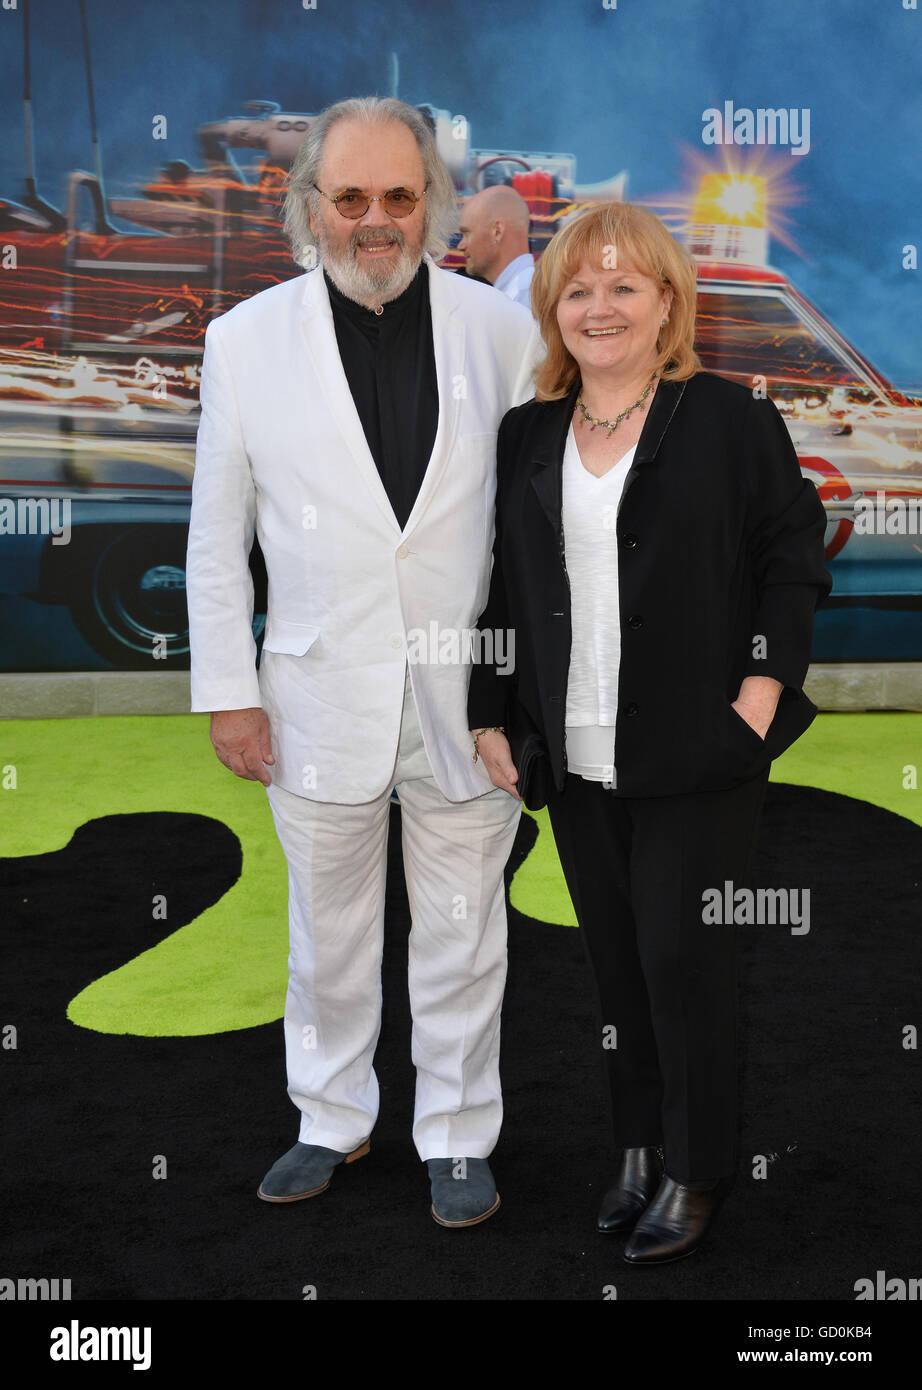 Los Angeles, California, USA. July 9, 2016. Actress Lesley Nicol & husband David Keith Heald at the Los Angeles - Stock Image